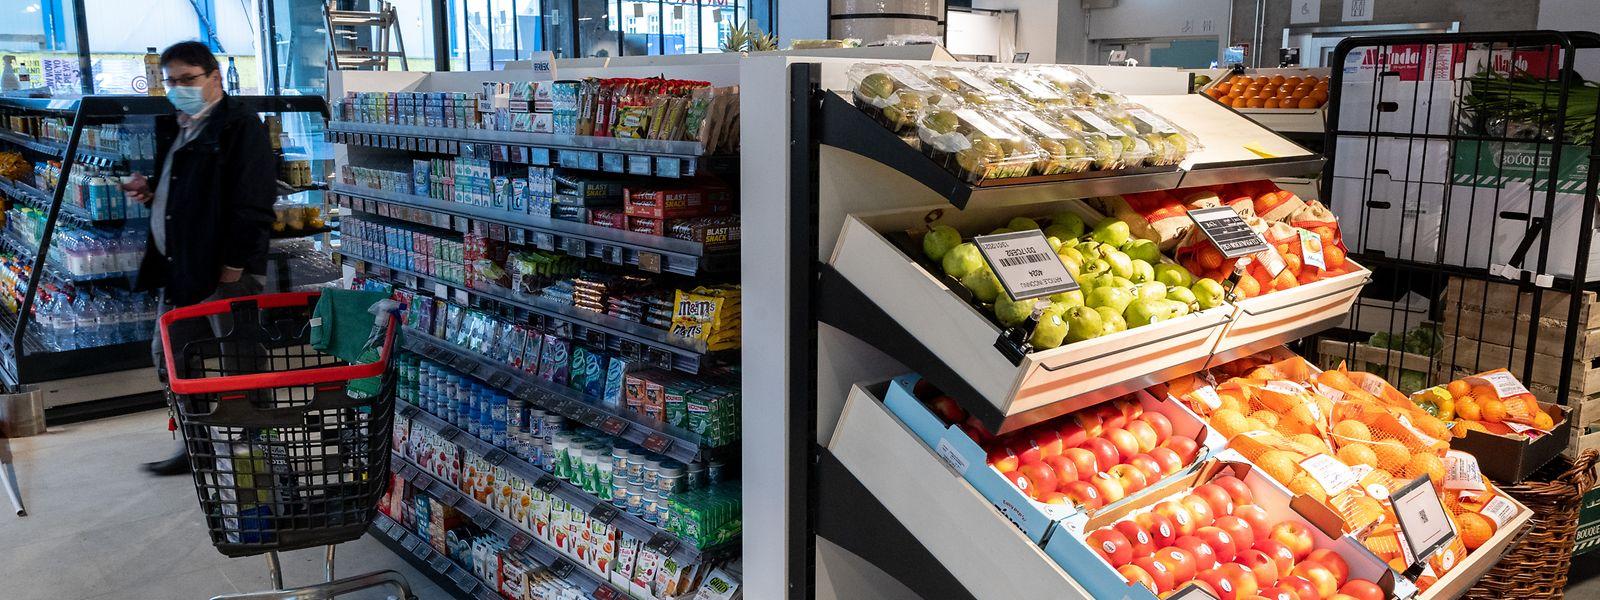 Une cinquantaine de salariés feront tourner le magasin de 8h à 20h.